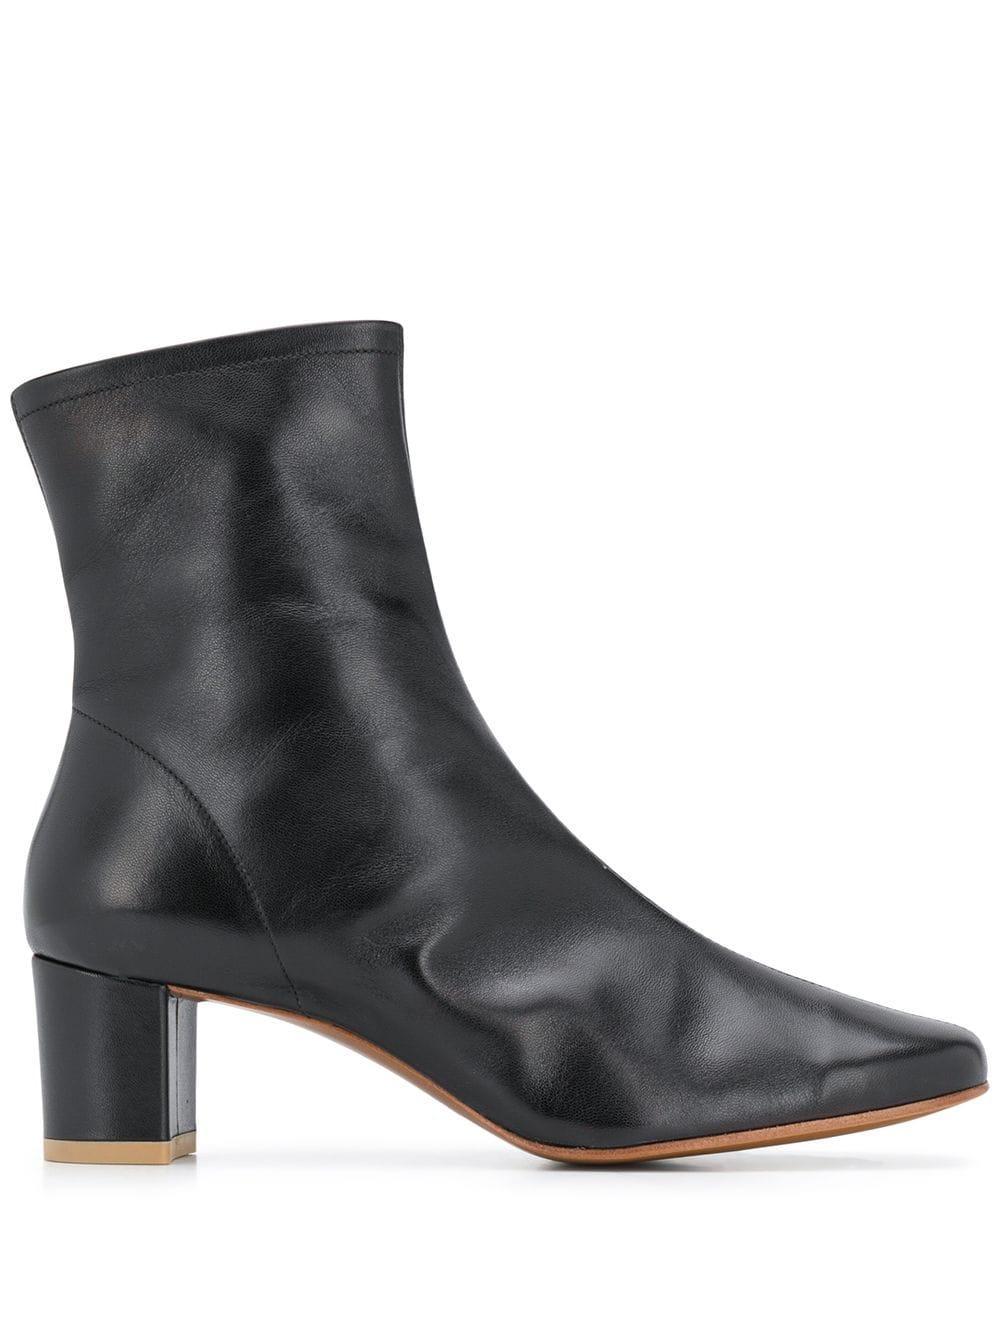 Sofia Leather Bootie Item # 16603-05-SBLKL